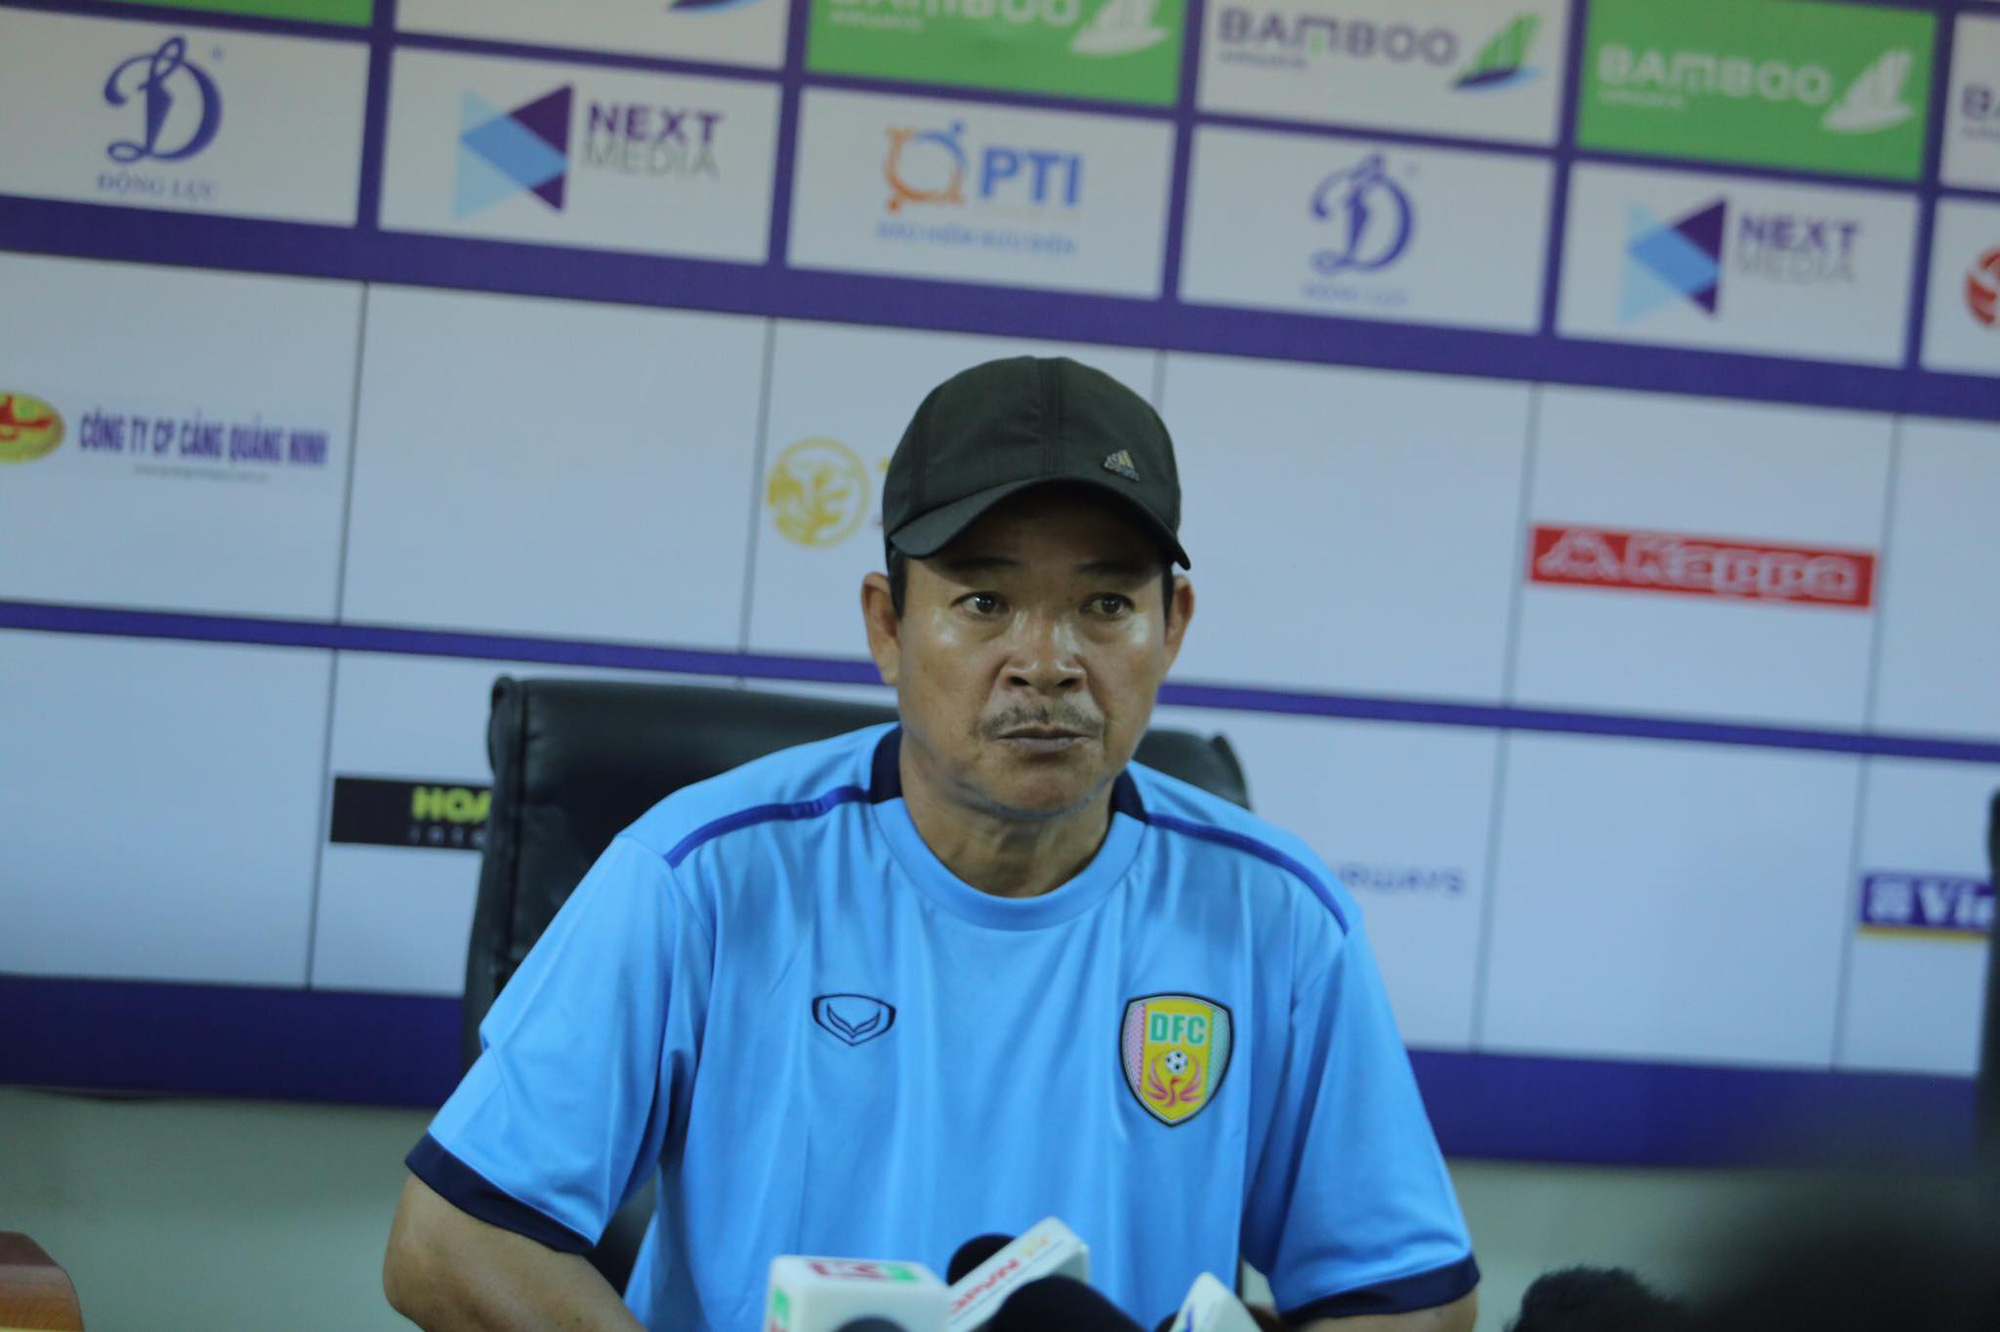 HLV Trang Văn Thành thừa nhận Đồng Tháp bị hụt hơi trước Hà Nội FC. Ảnh: Cao Oanh